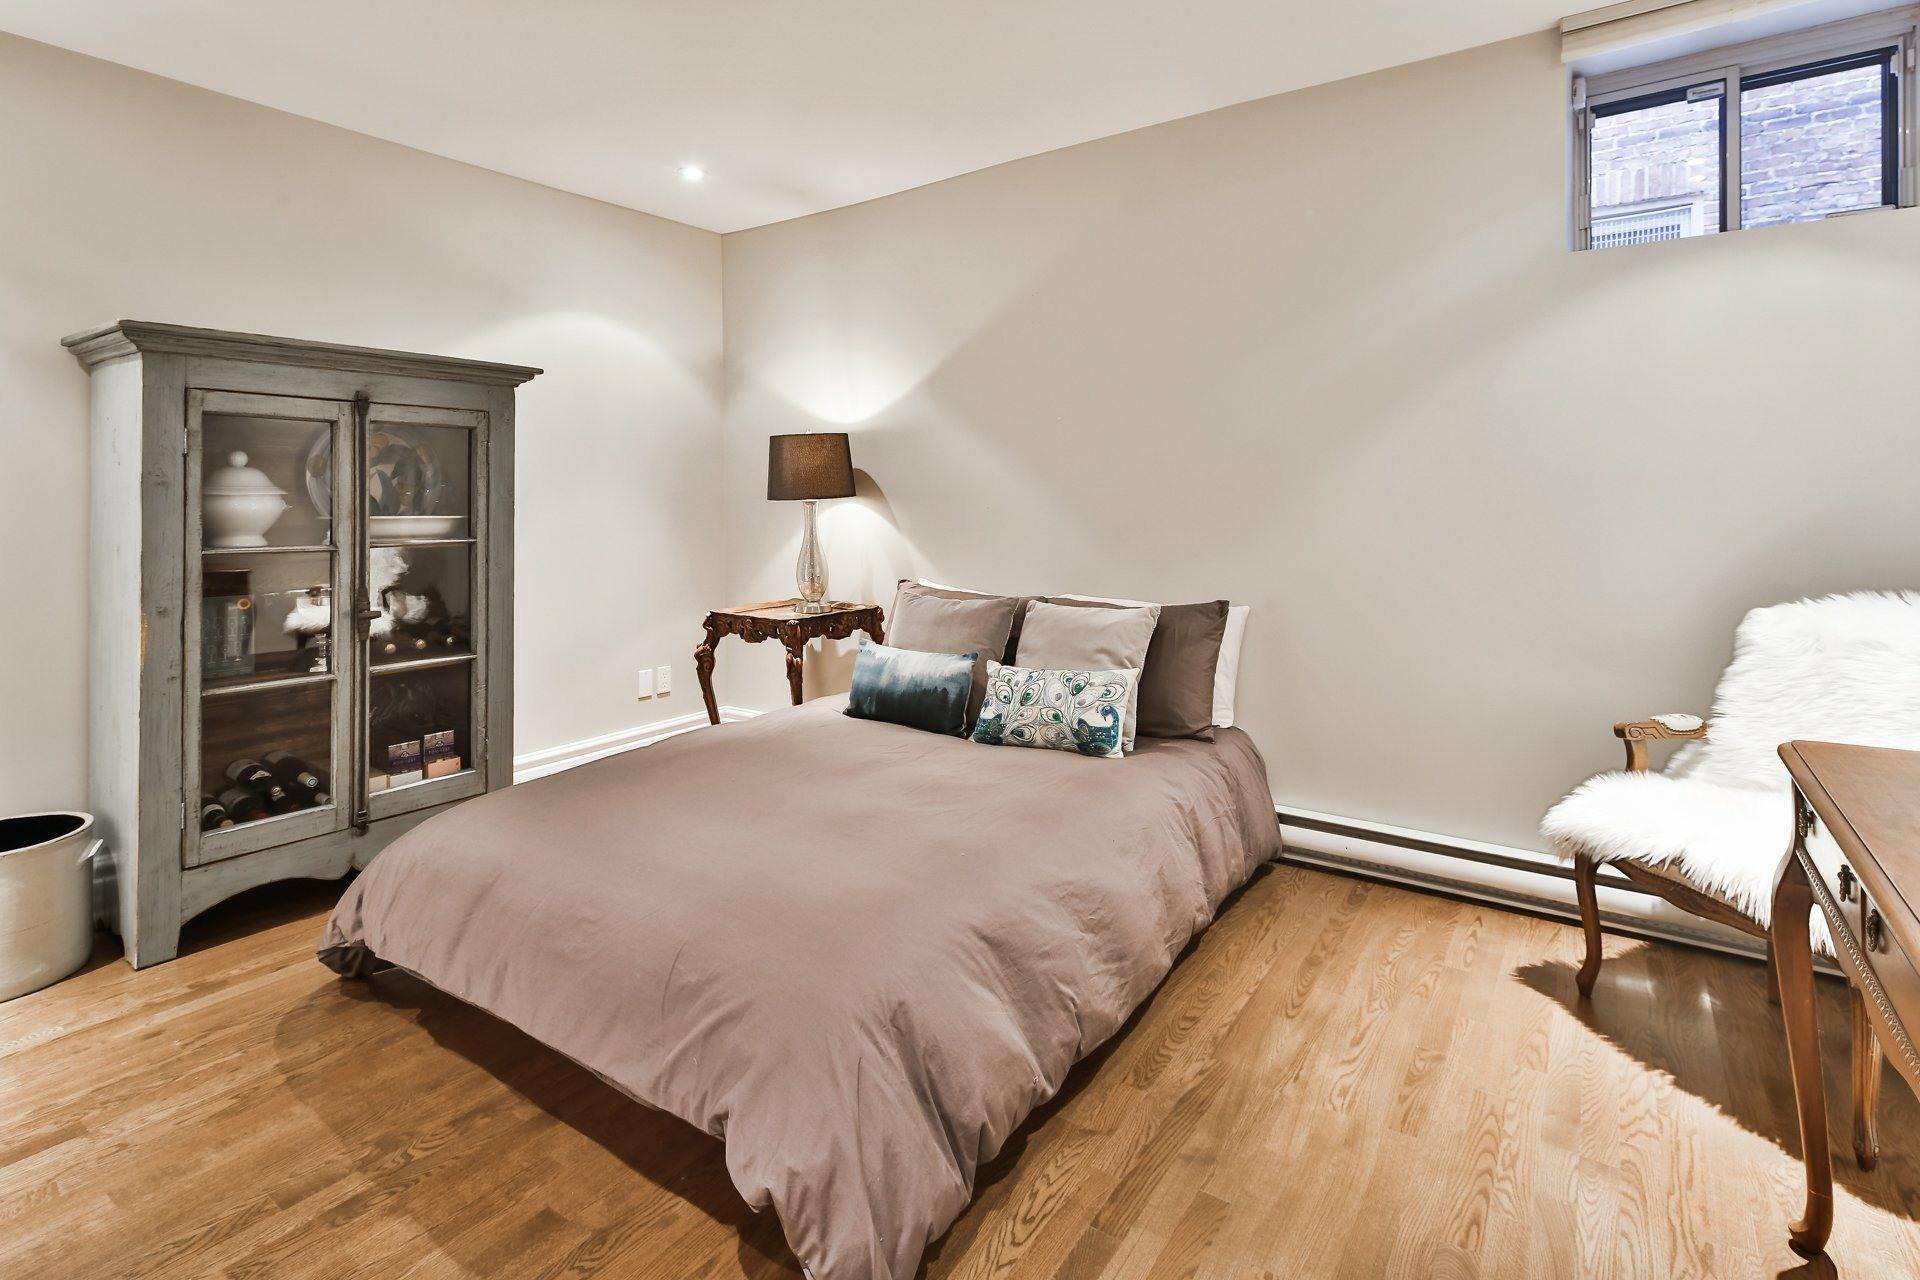 image 22 - Appartement À vendre Le Plateau-Mont-Royal Montréal  - 6 pièces